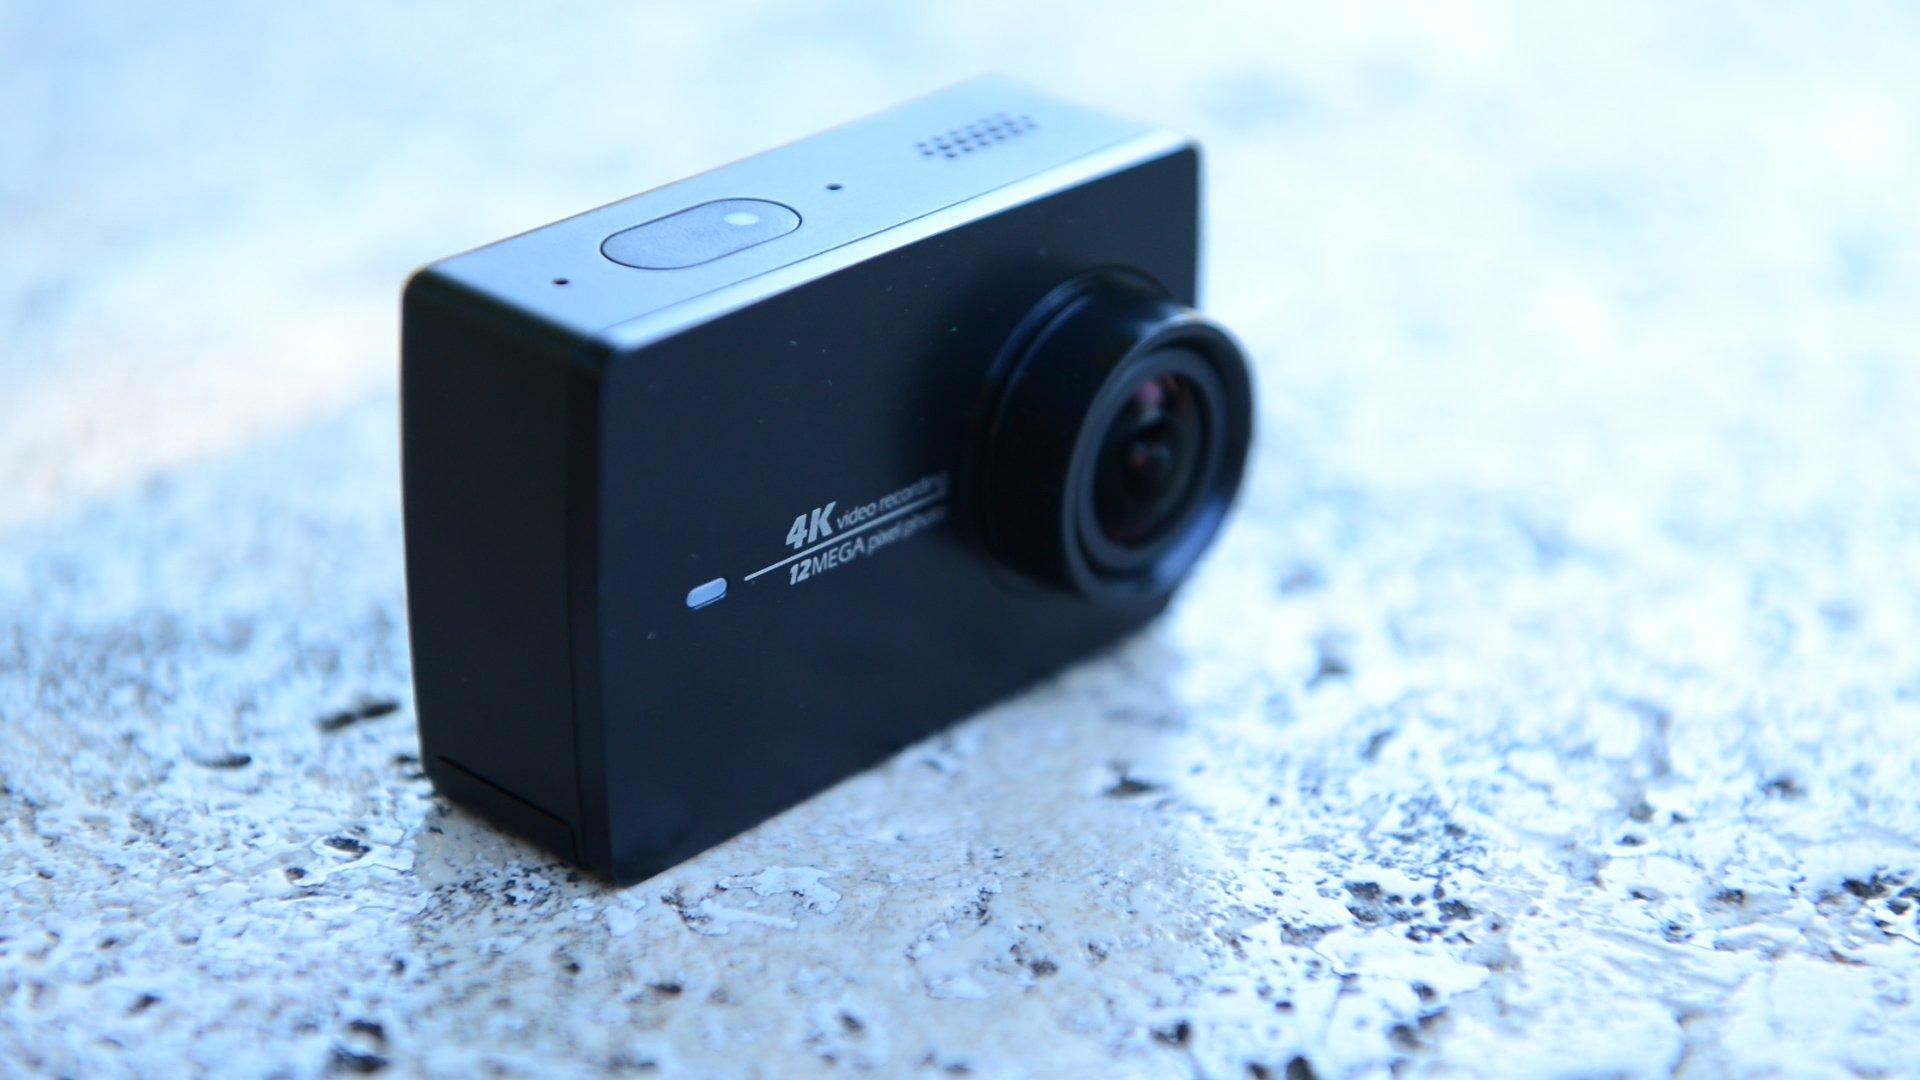 xiaomi-yi-camera-4k-5